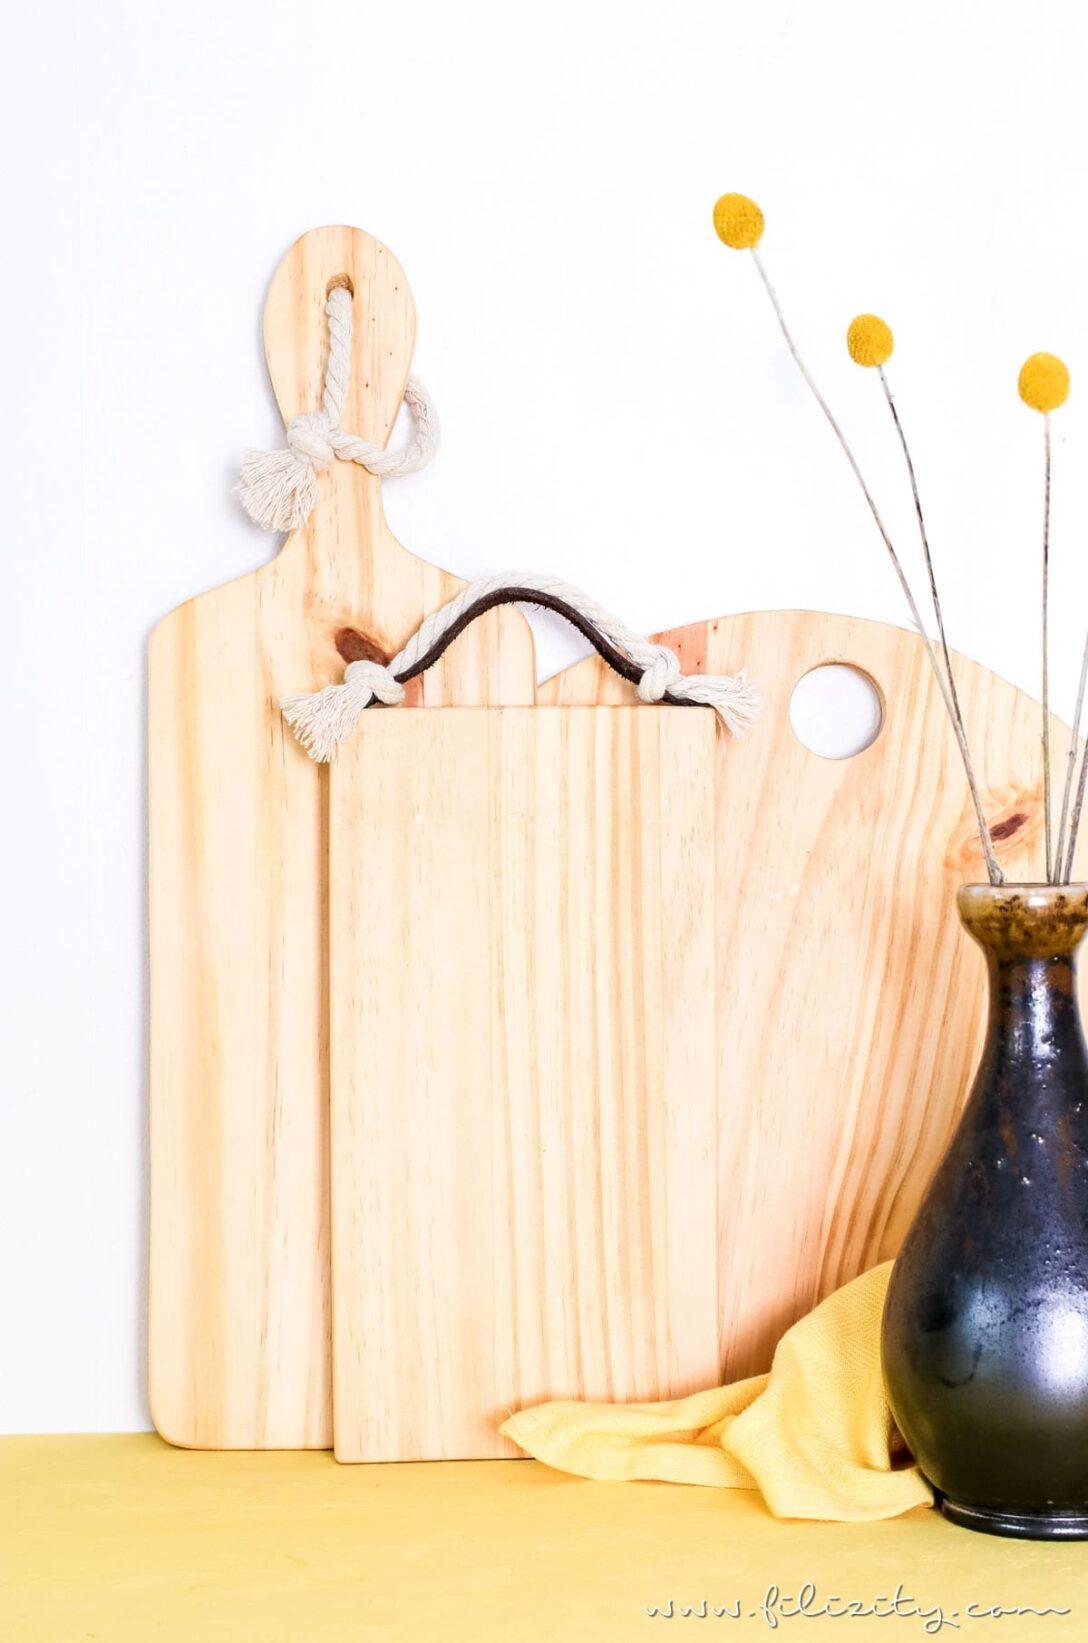 Large Size of Deko Küche Selber Machen Essplatz Arbeitsplatten Wandpaneel Glas Einbauküche Gebraucht Wandtattoo Anrichte Kleine Landküche Lüftung Barhocker Laminat In Wohnzimmer Deko Küche Selber Machen